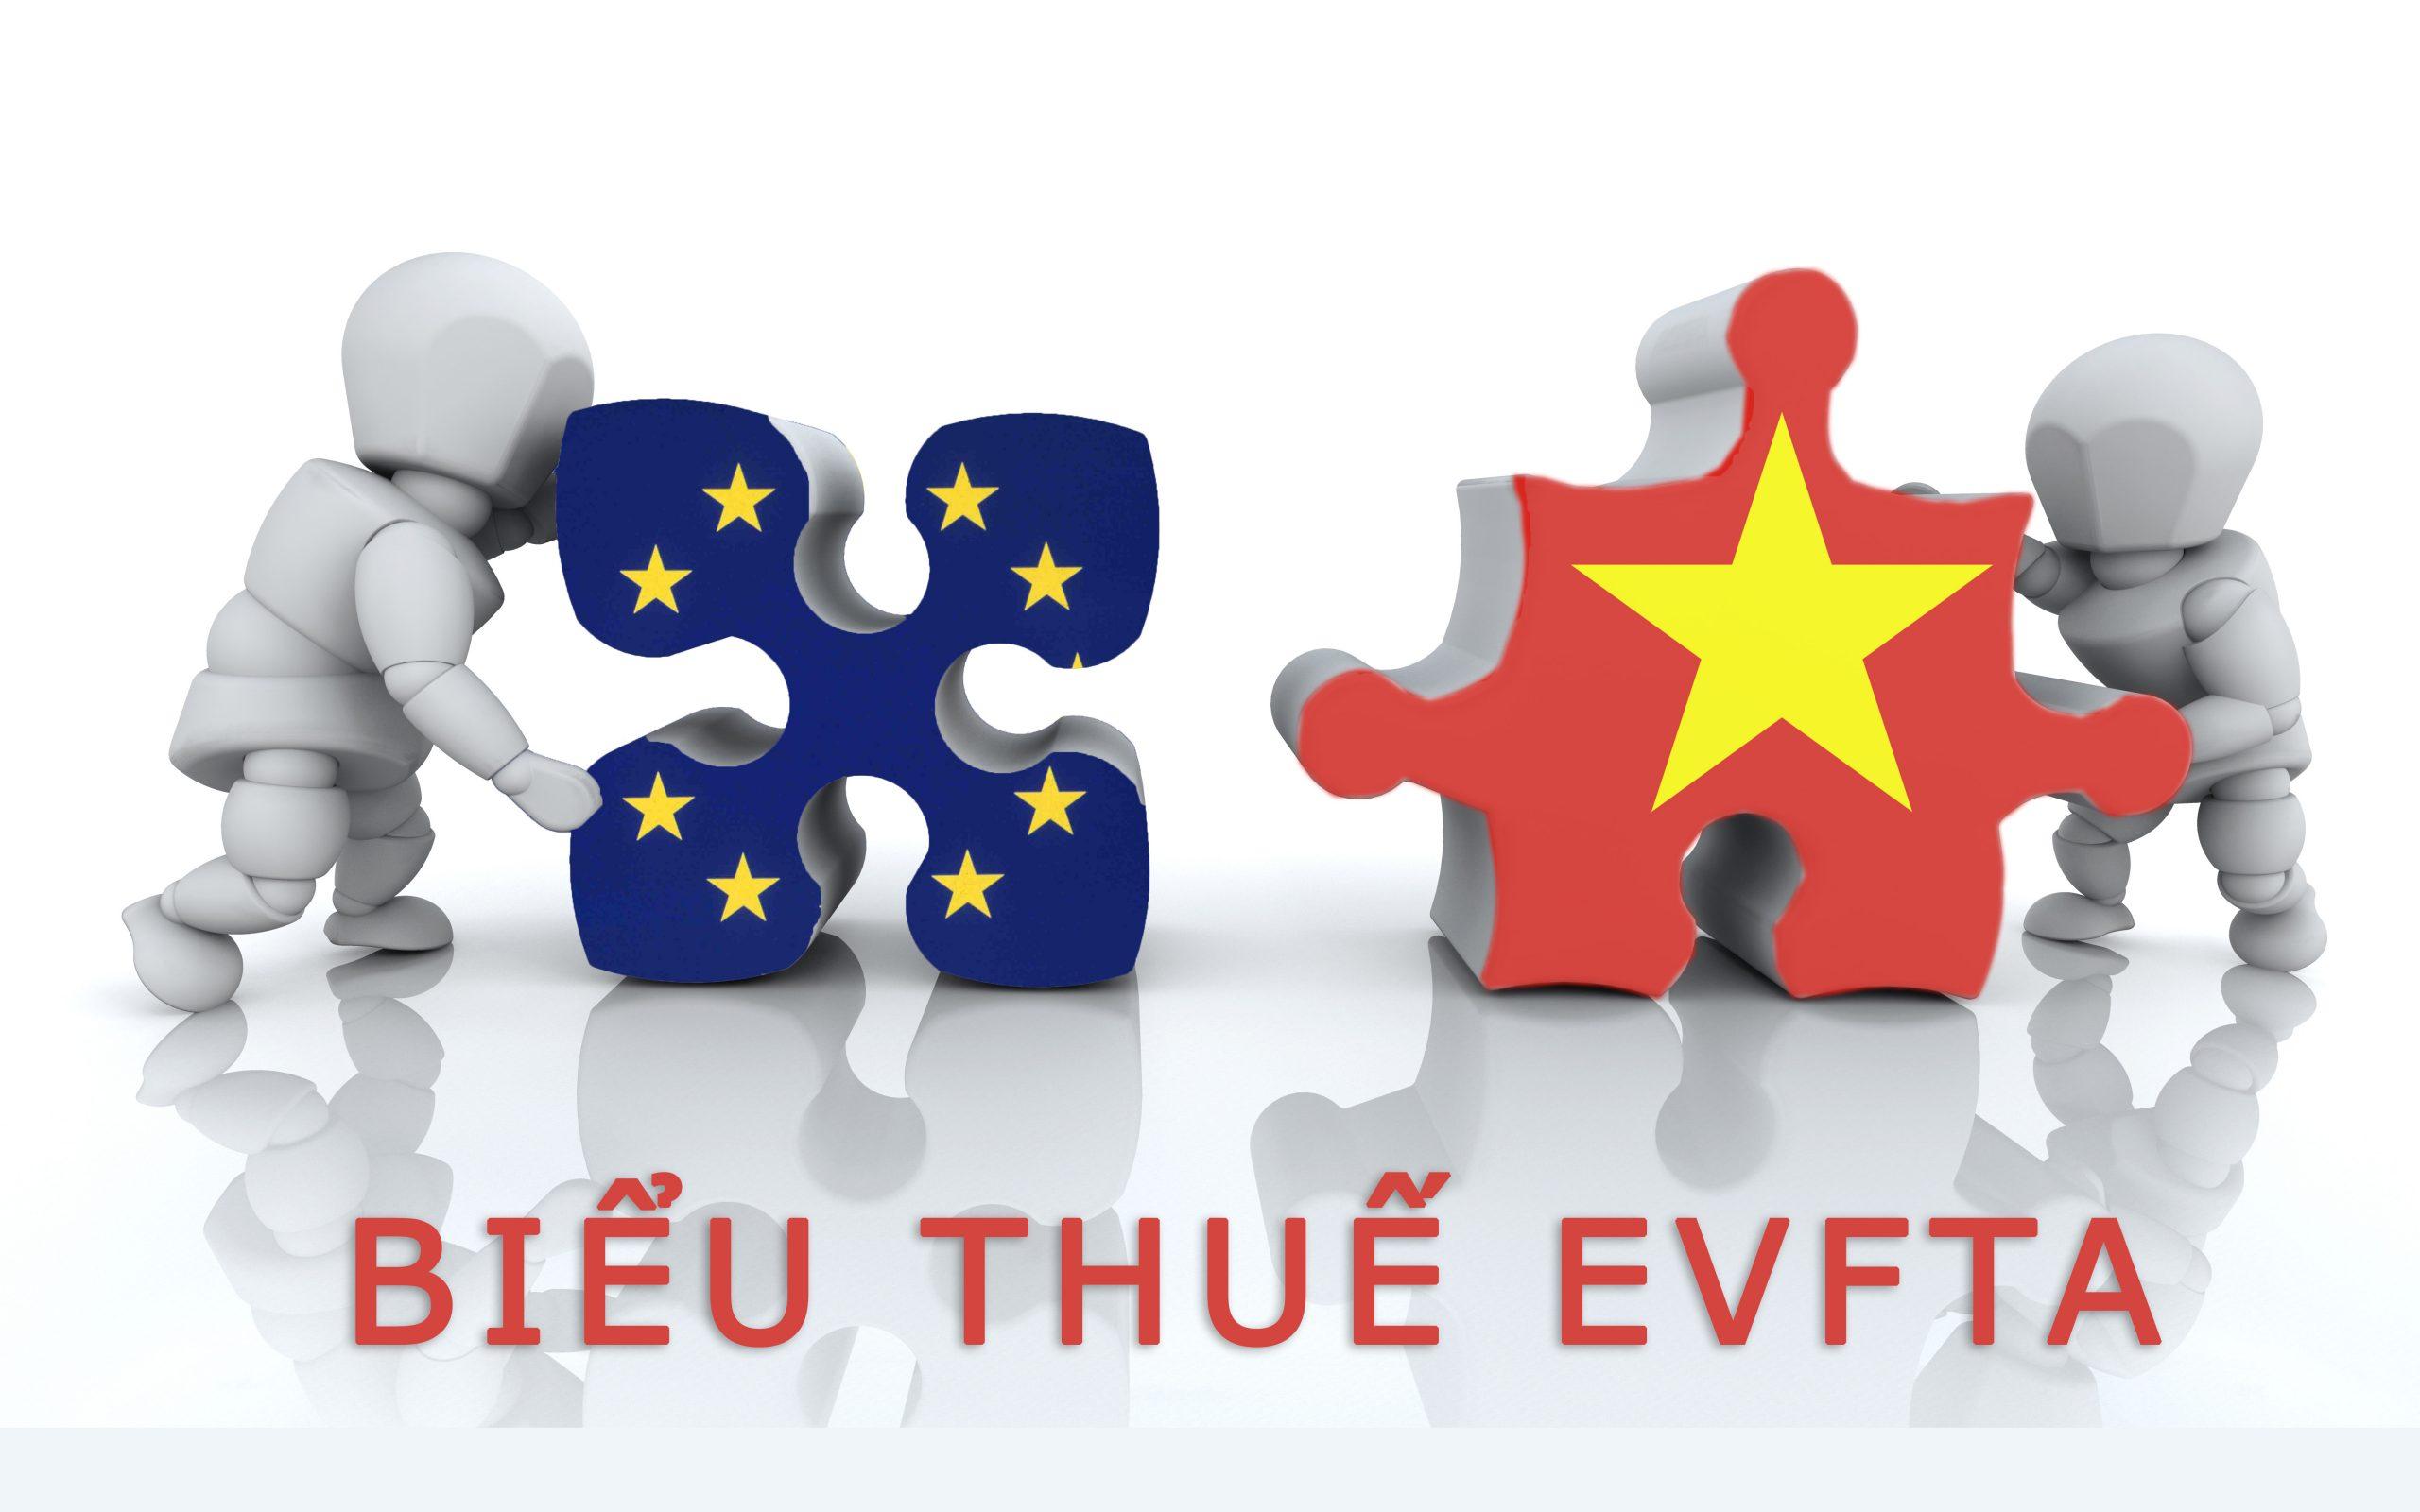 NGHỊ ĐỊNH 111/2020/NĐ-CP - BIỂU THUẾ EVFTA